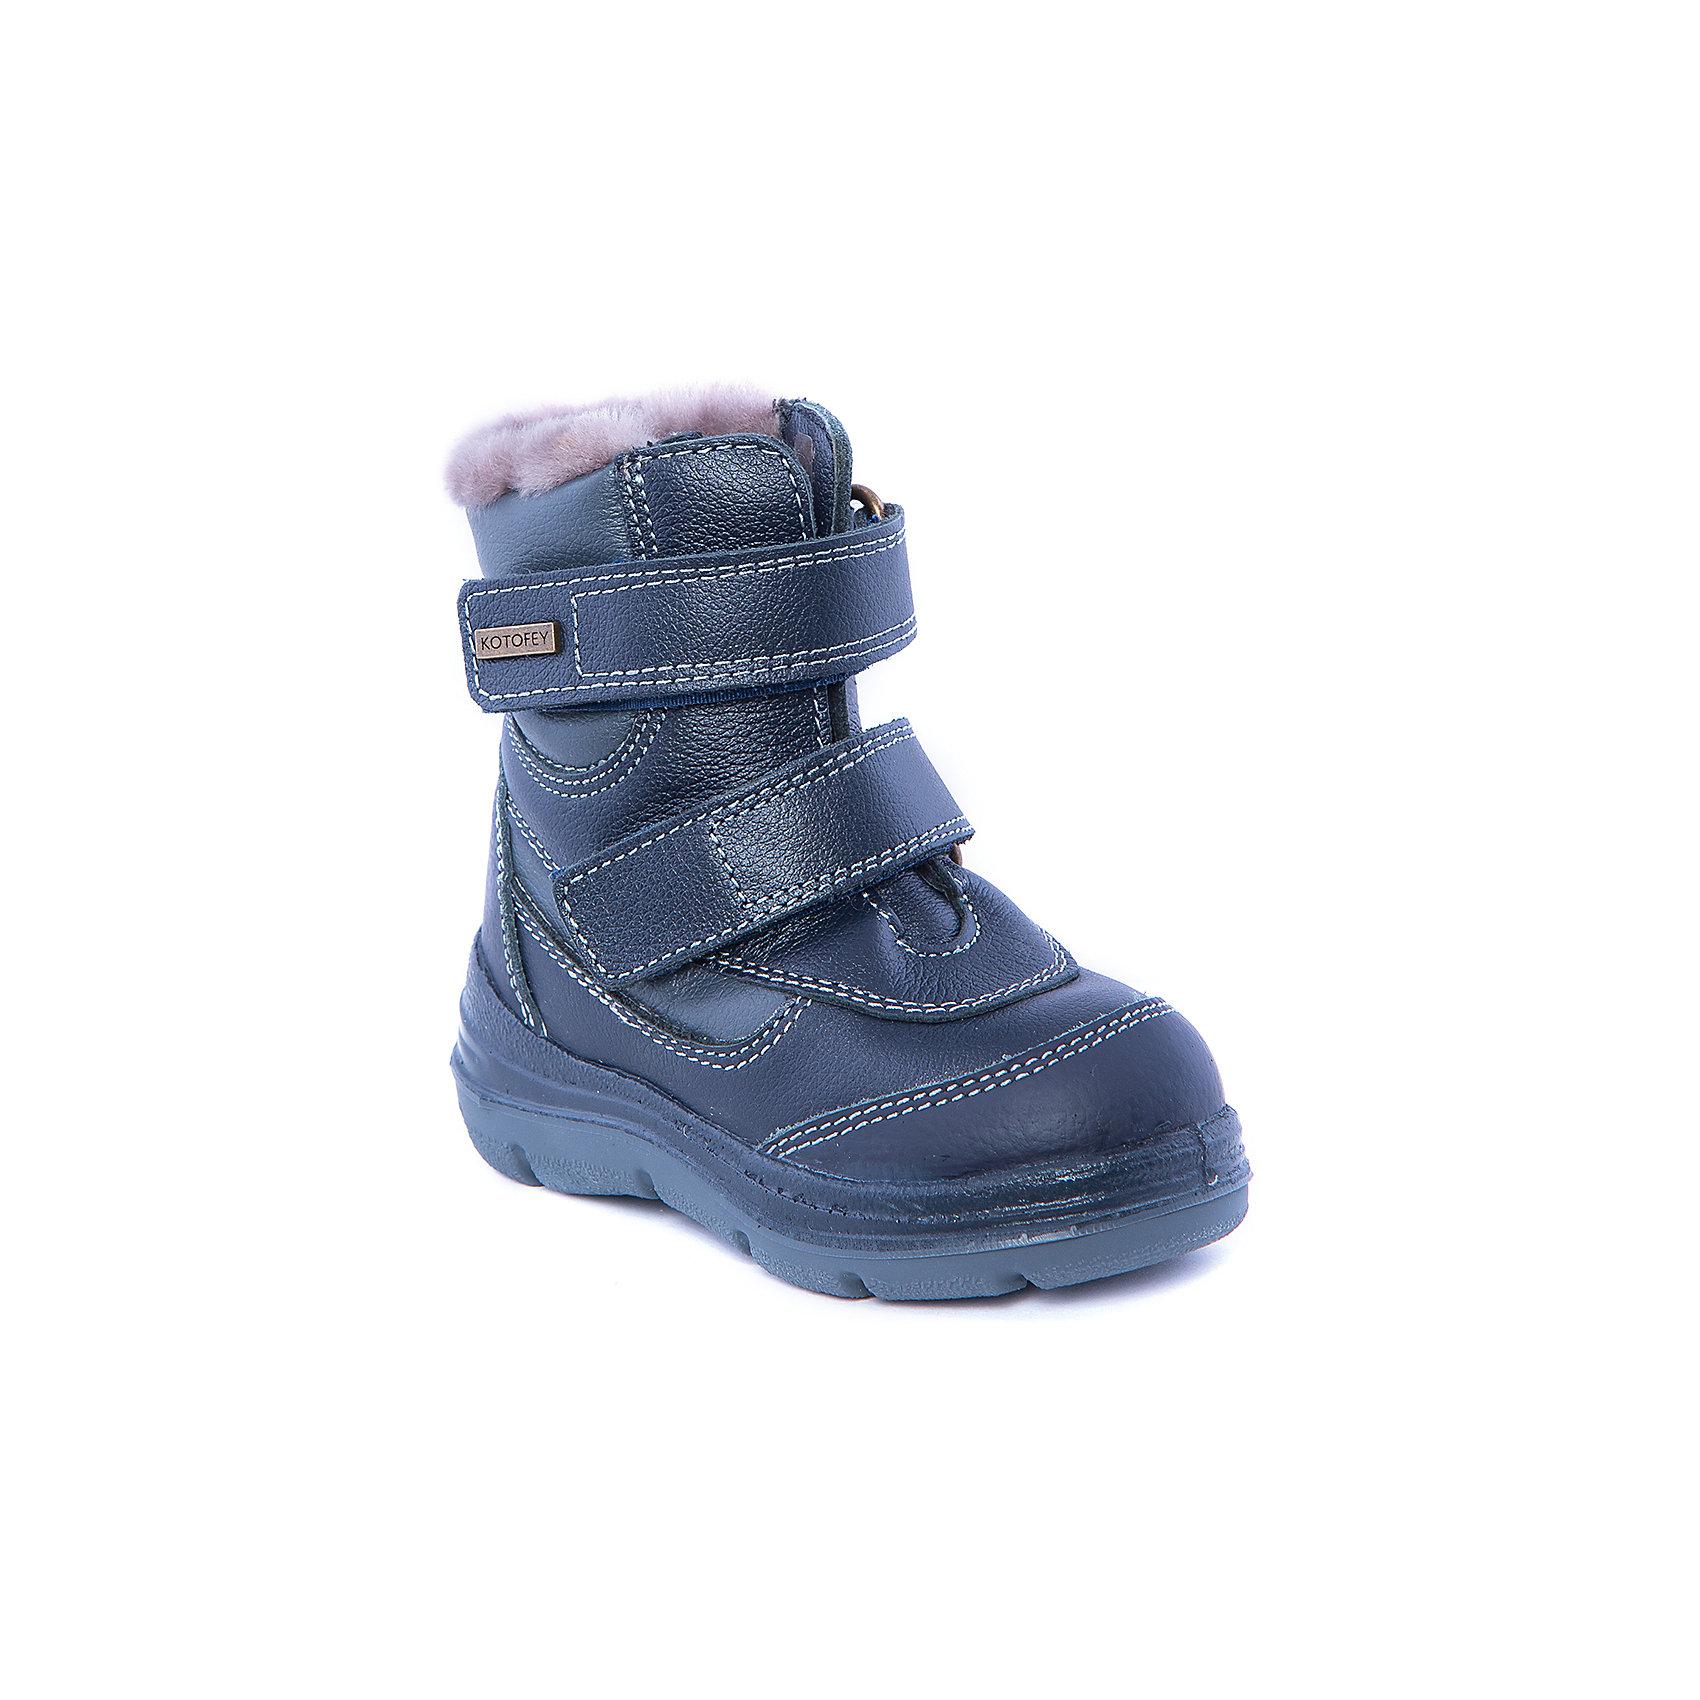 Ботинки для мальчика КотофейБотинки для мальчика от известного российского бренда Котофей<br><br>Теплые ботинки не только хорошо сидят на ноге - они легко надеваются благодаря удобной липучке. Эта модель создана с учетом особенностей развития детской стопы, поэтому все детали проработаны особенно тщательно.<br><br>Особенности модели: <br><br>- цвет - синий, серый;<br>- контрастная прошивка;<br>- внутри натуральный мех;<br>- верх – натуральная кожа;<br>- комфортная колодка;<br>- подкладка утепленная;<br>- вид крепления – литьевой;<br>- защита пальцев и пятки;<br>- амортизирующая устойчивая подошва;<br>- застежка - липучка.<br><br>Дополнительная информация:<br><br>Температурный режим: <br><br>от -25° С до 0° С<br><br>Состав:<br>верх – натуральная кожа;<br>подкладка - овчина;<br>подошва - ТЭП;<br><br>Ботинки для мальчика Котофей можно купить в нашем магазине.<br><br>Ширина мм: 262<br>Глубина мм: 176<br>Высота мм: 97<br>Вес г: 427<br>Цвет: синий<br>Возраст от месяцев: 24<br>Возраст до месяцев: 24<br>Пол: Мужской<br>Возраст: Детский<br>Размер: 25,27,28,29,30,24,31,23,26<br>SKU: 4315288